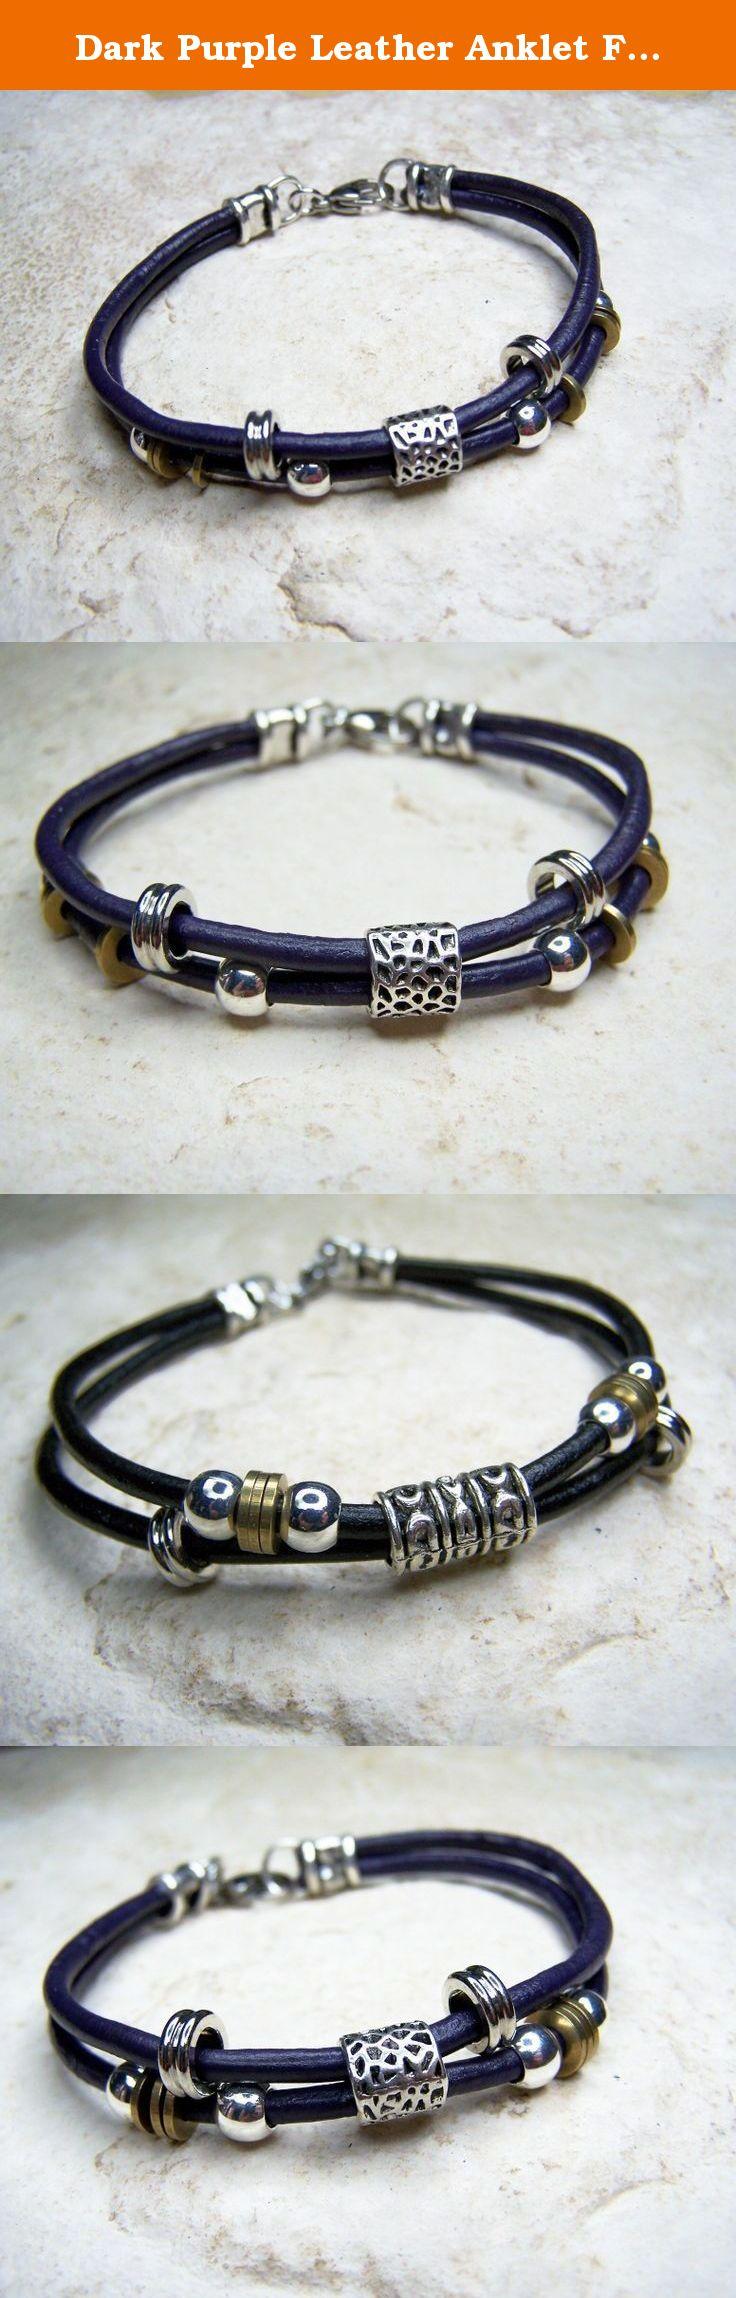 Dark purple leather anklet for women handmade ankle bracelet